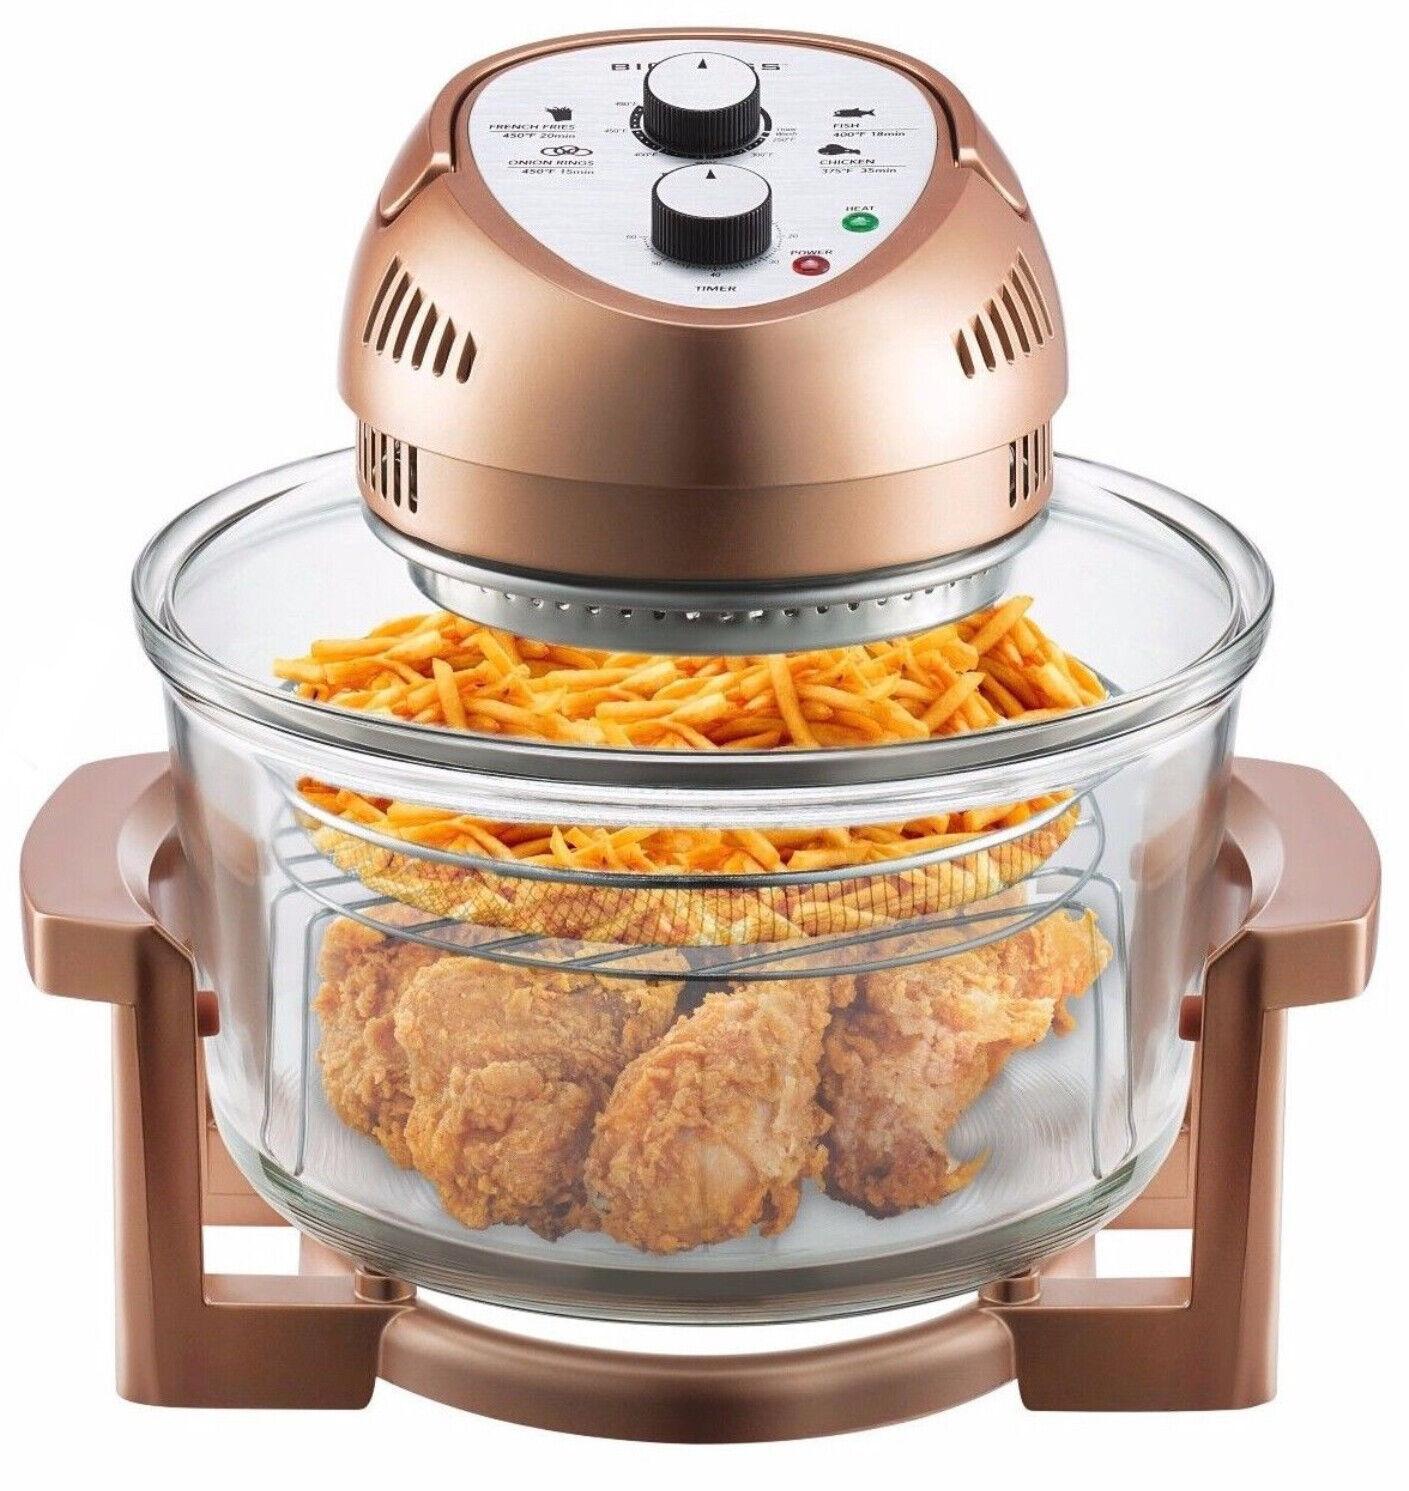 Big Boss Oil-less Air Fryer, 16 Quart, 1300 watt, Limited Ed